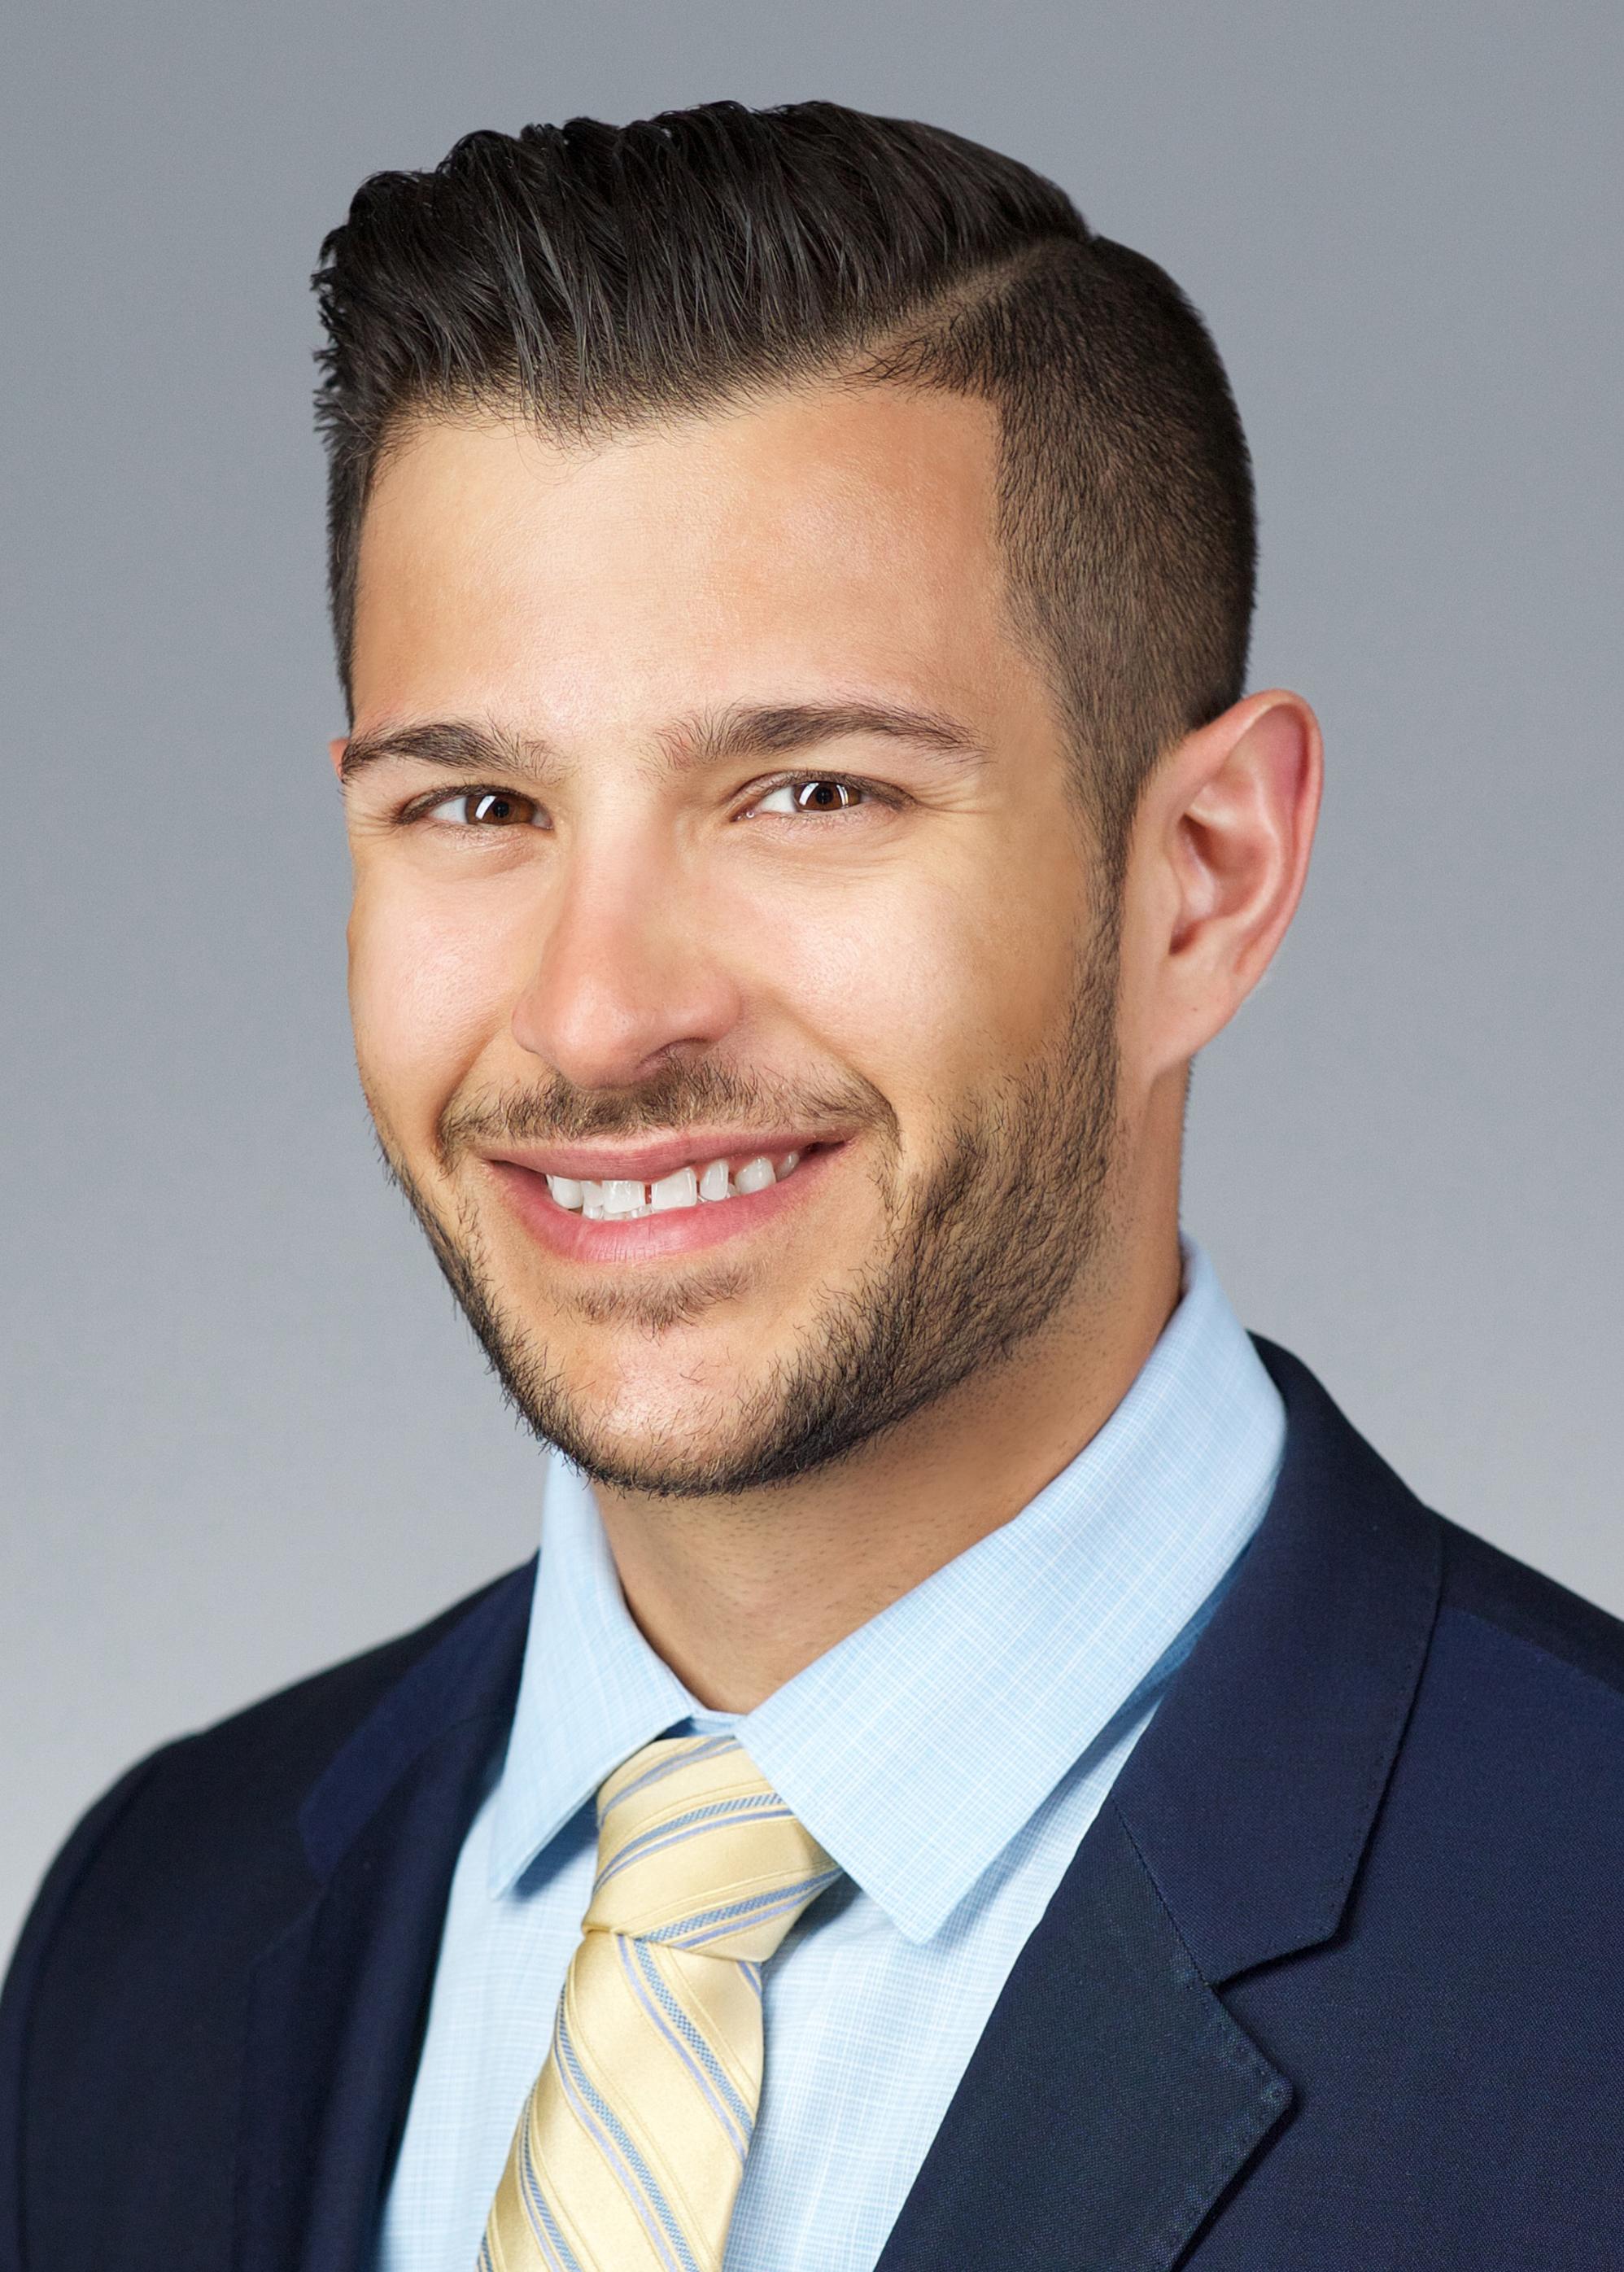 Daniel M. Brown